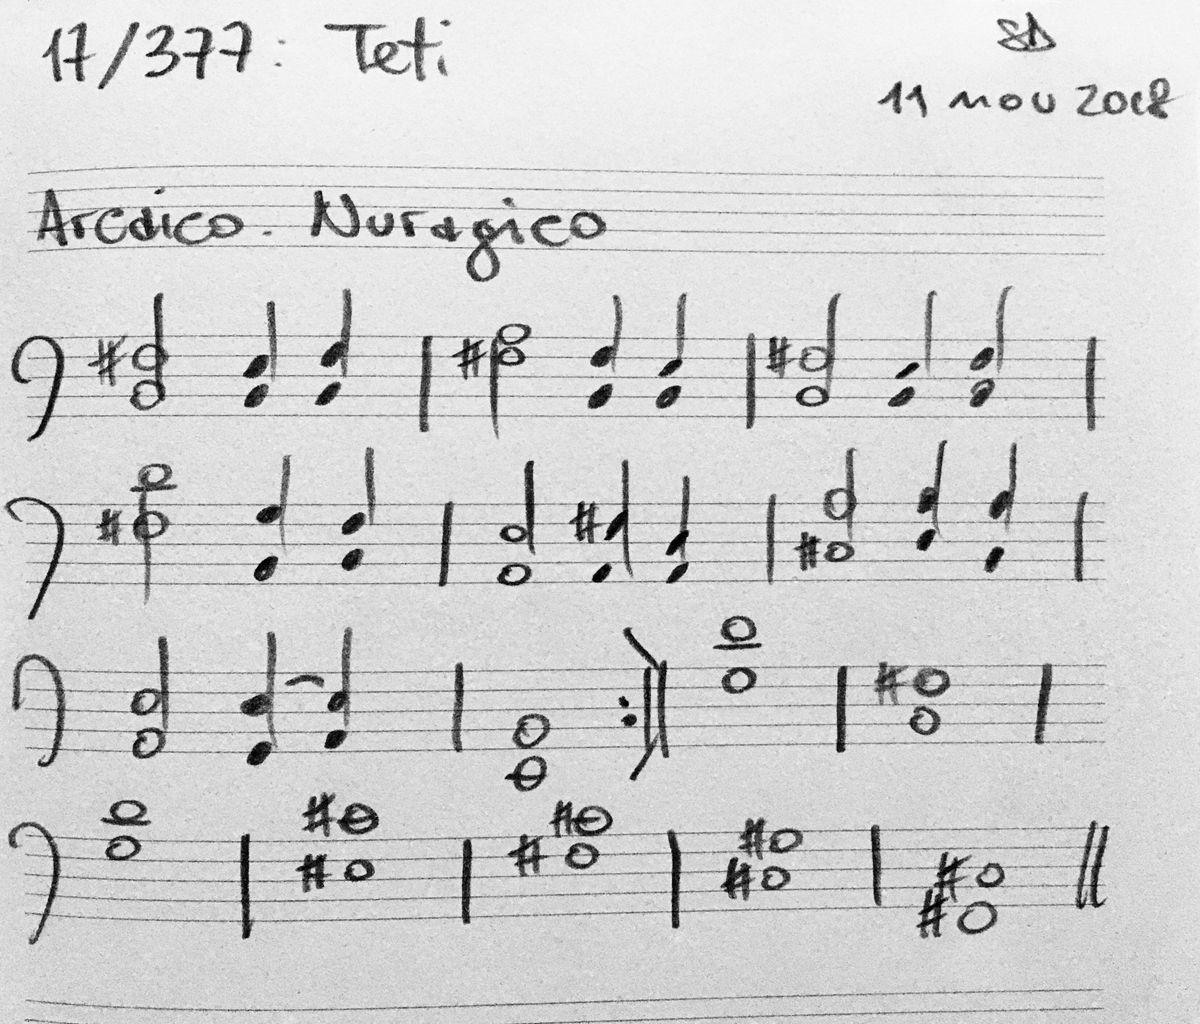 017-Teti-score